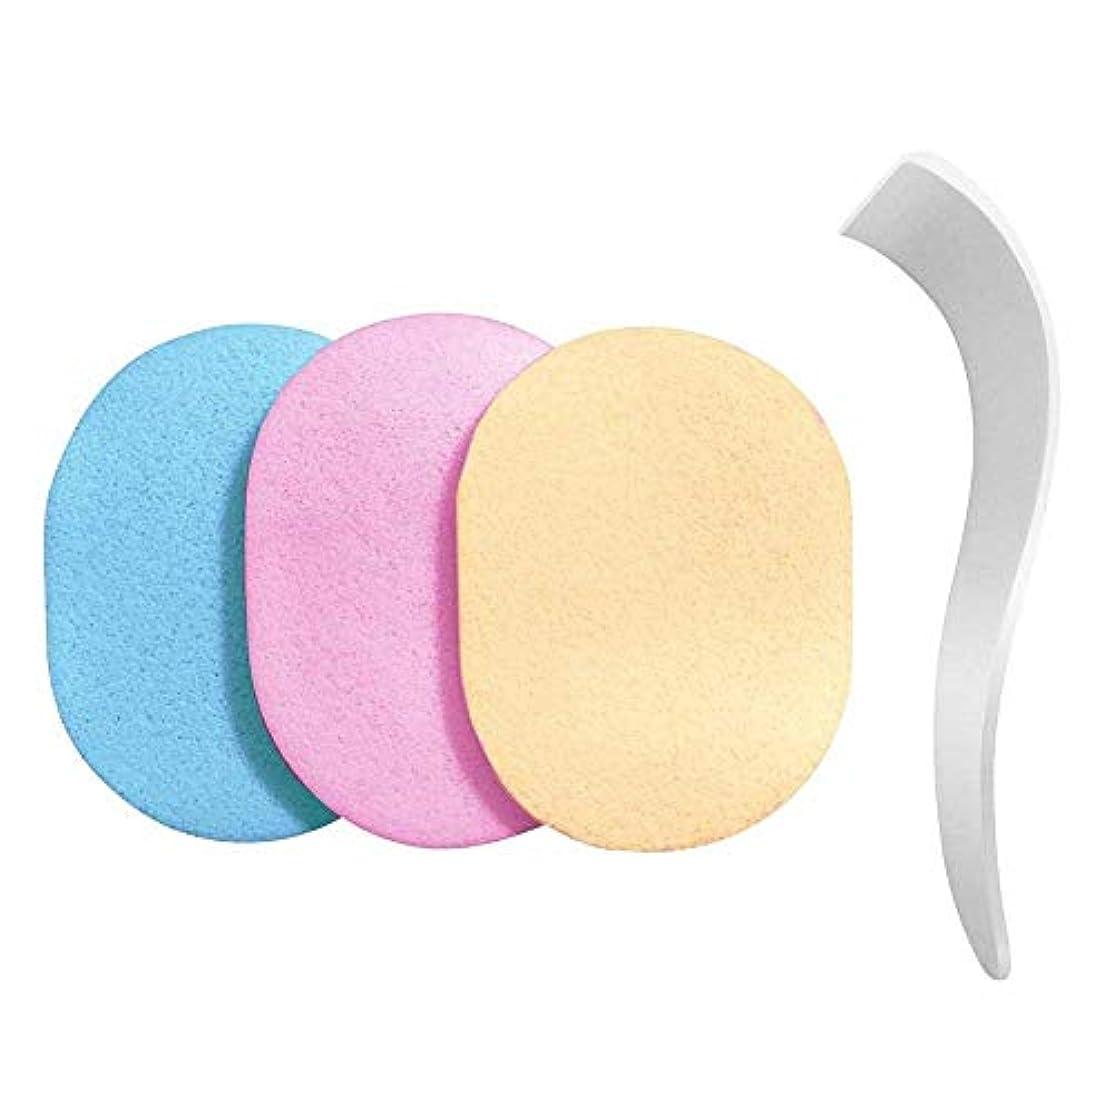 初期ホイスト模索Viffly 専用ヘラ スポンジ 洗って使える 3色セット 除毛クリーム専用 メンズ レディース【除毛用】